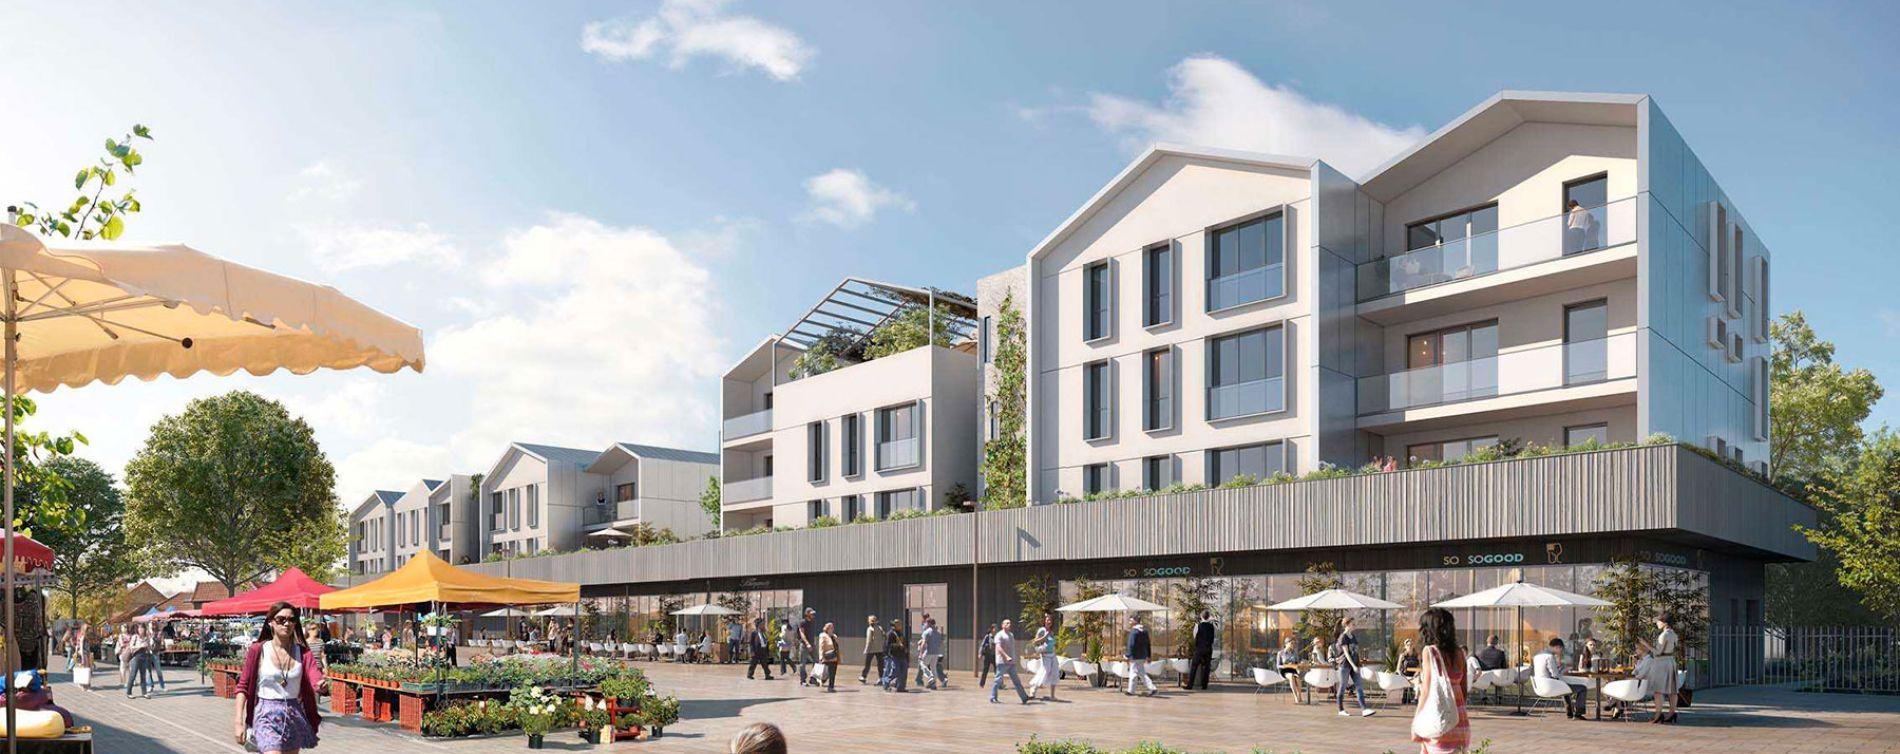 Saint-Germain-en-Laye : programme immobilier neuve « Carré Boisé »